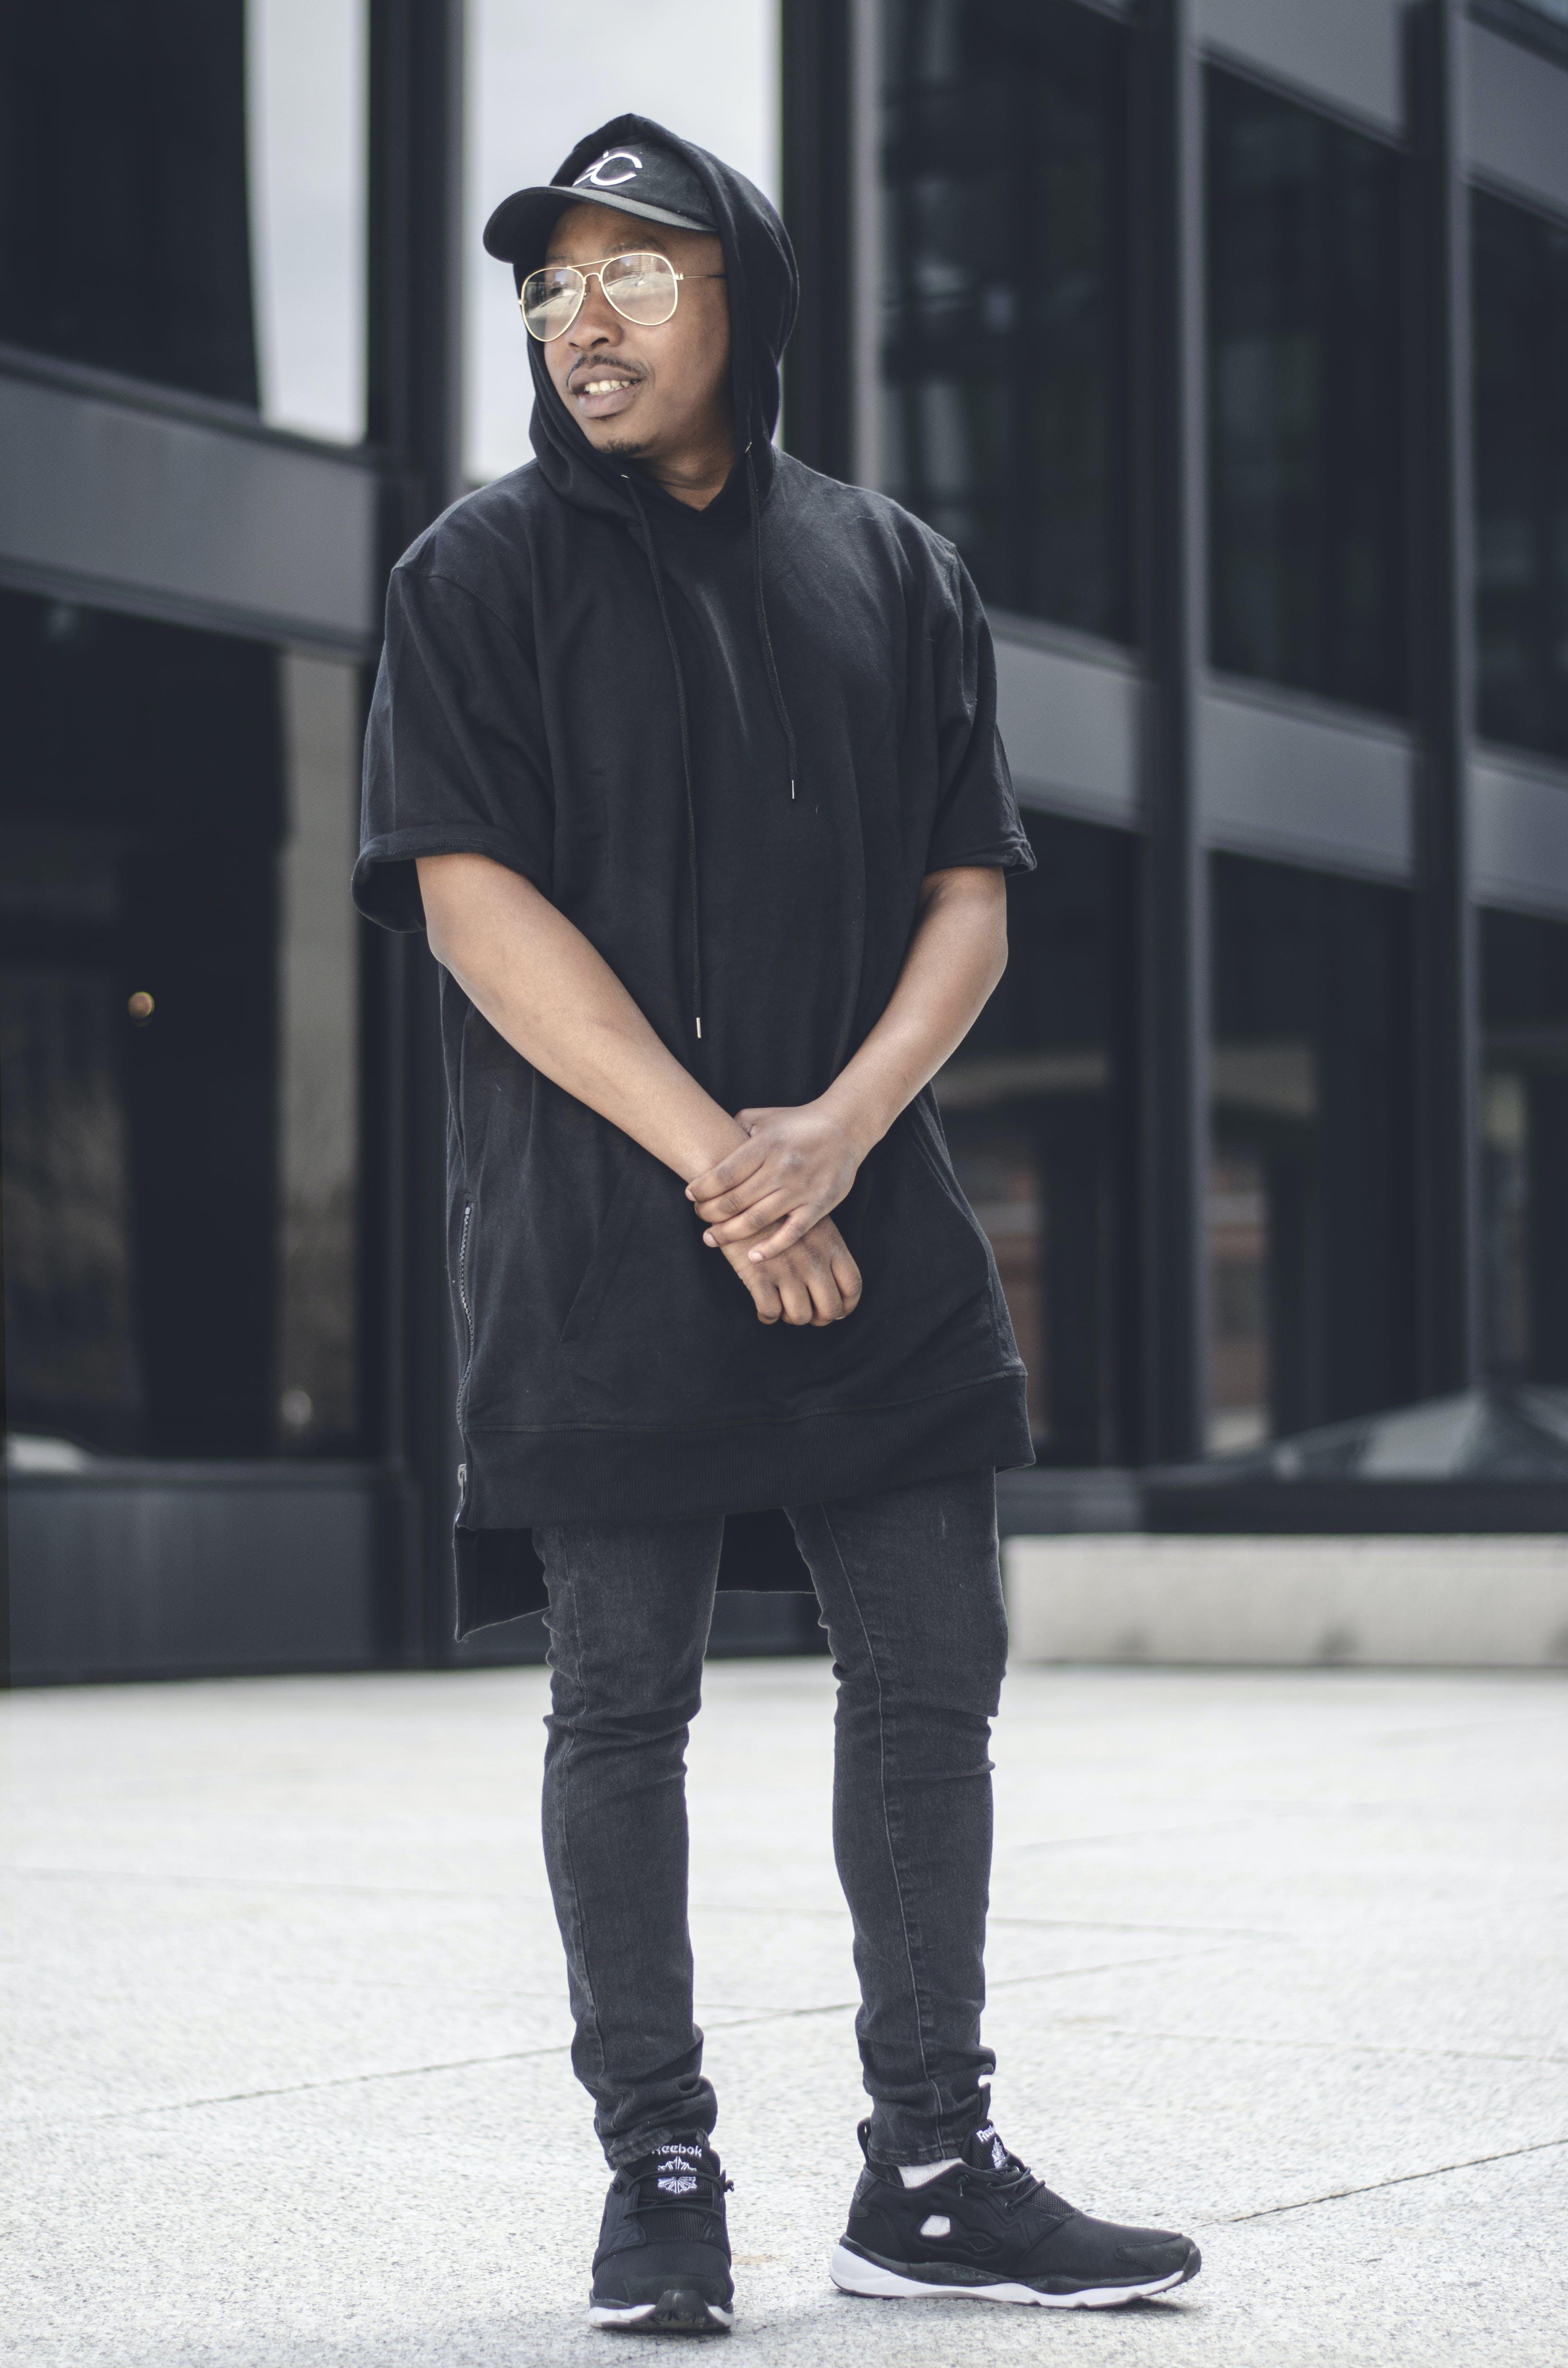 Photo of Man Wearing Hoodie